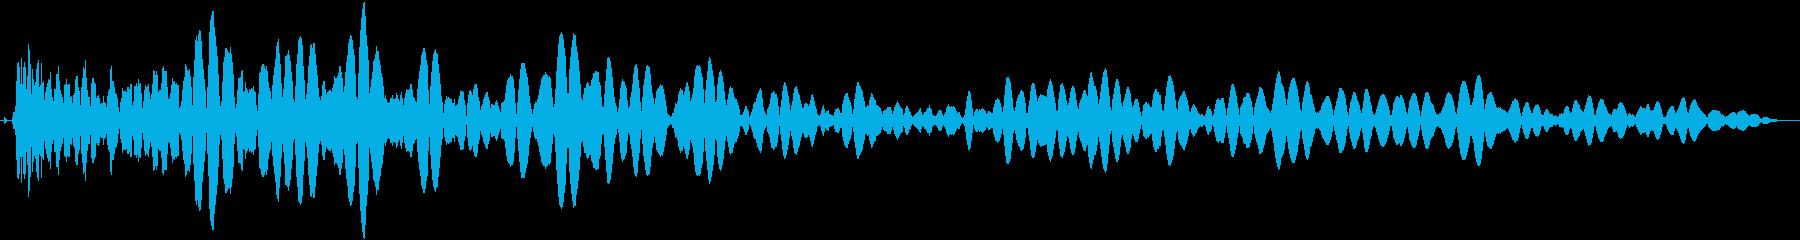 ドロン (忍術)の再生済みの波形